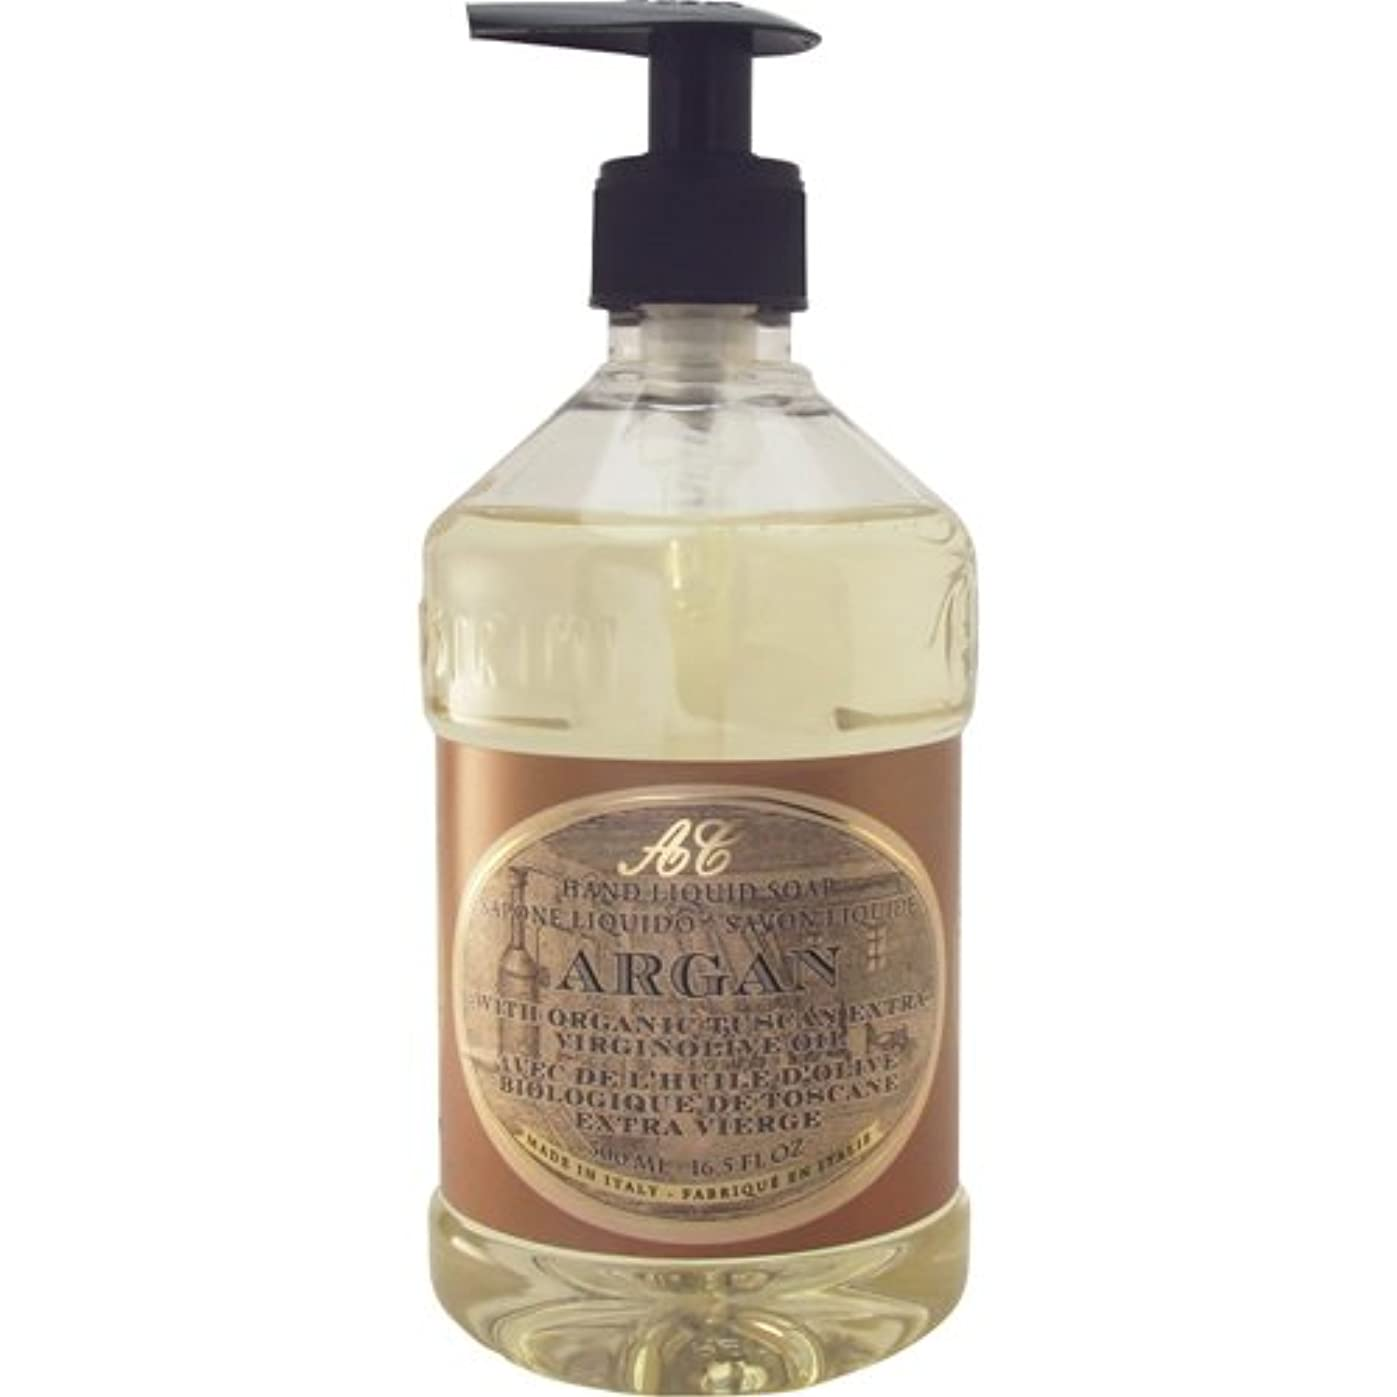 長さ会計ジーンズSaponerire Fissi レトロシリーズ Liquid Soap リキッドソープ 500ml Argan アルガンオイル